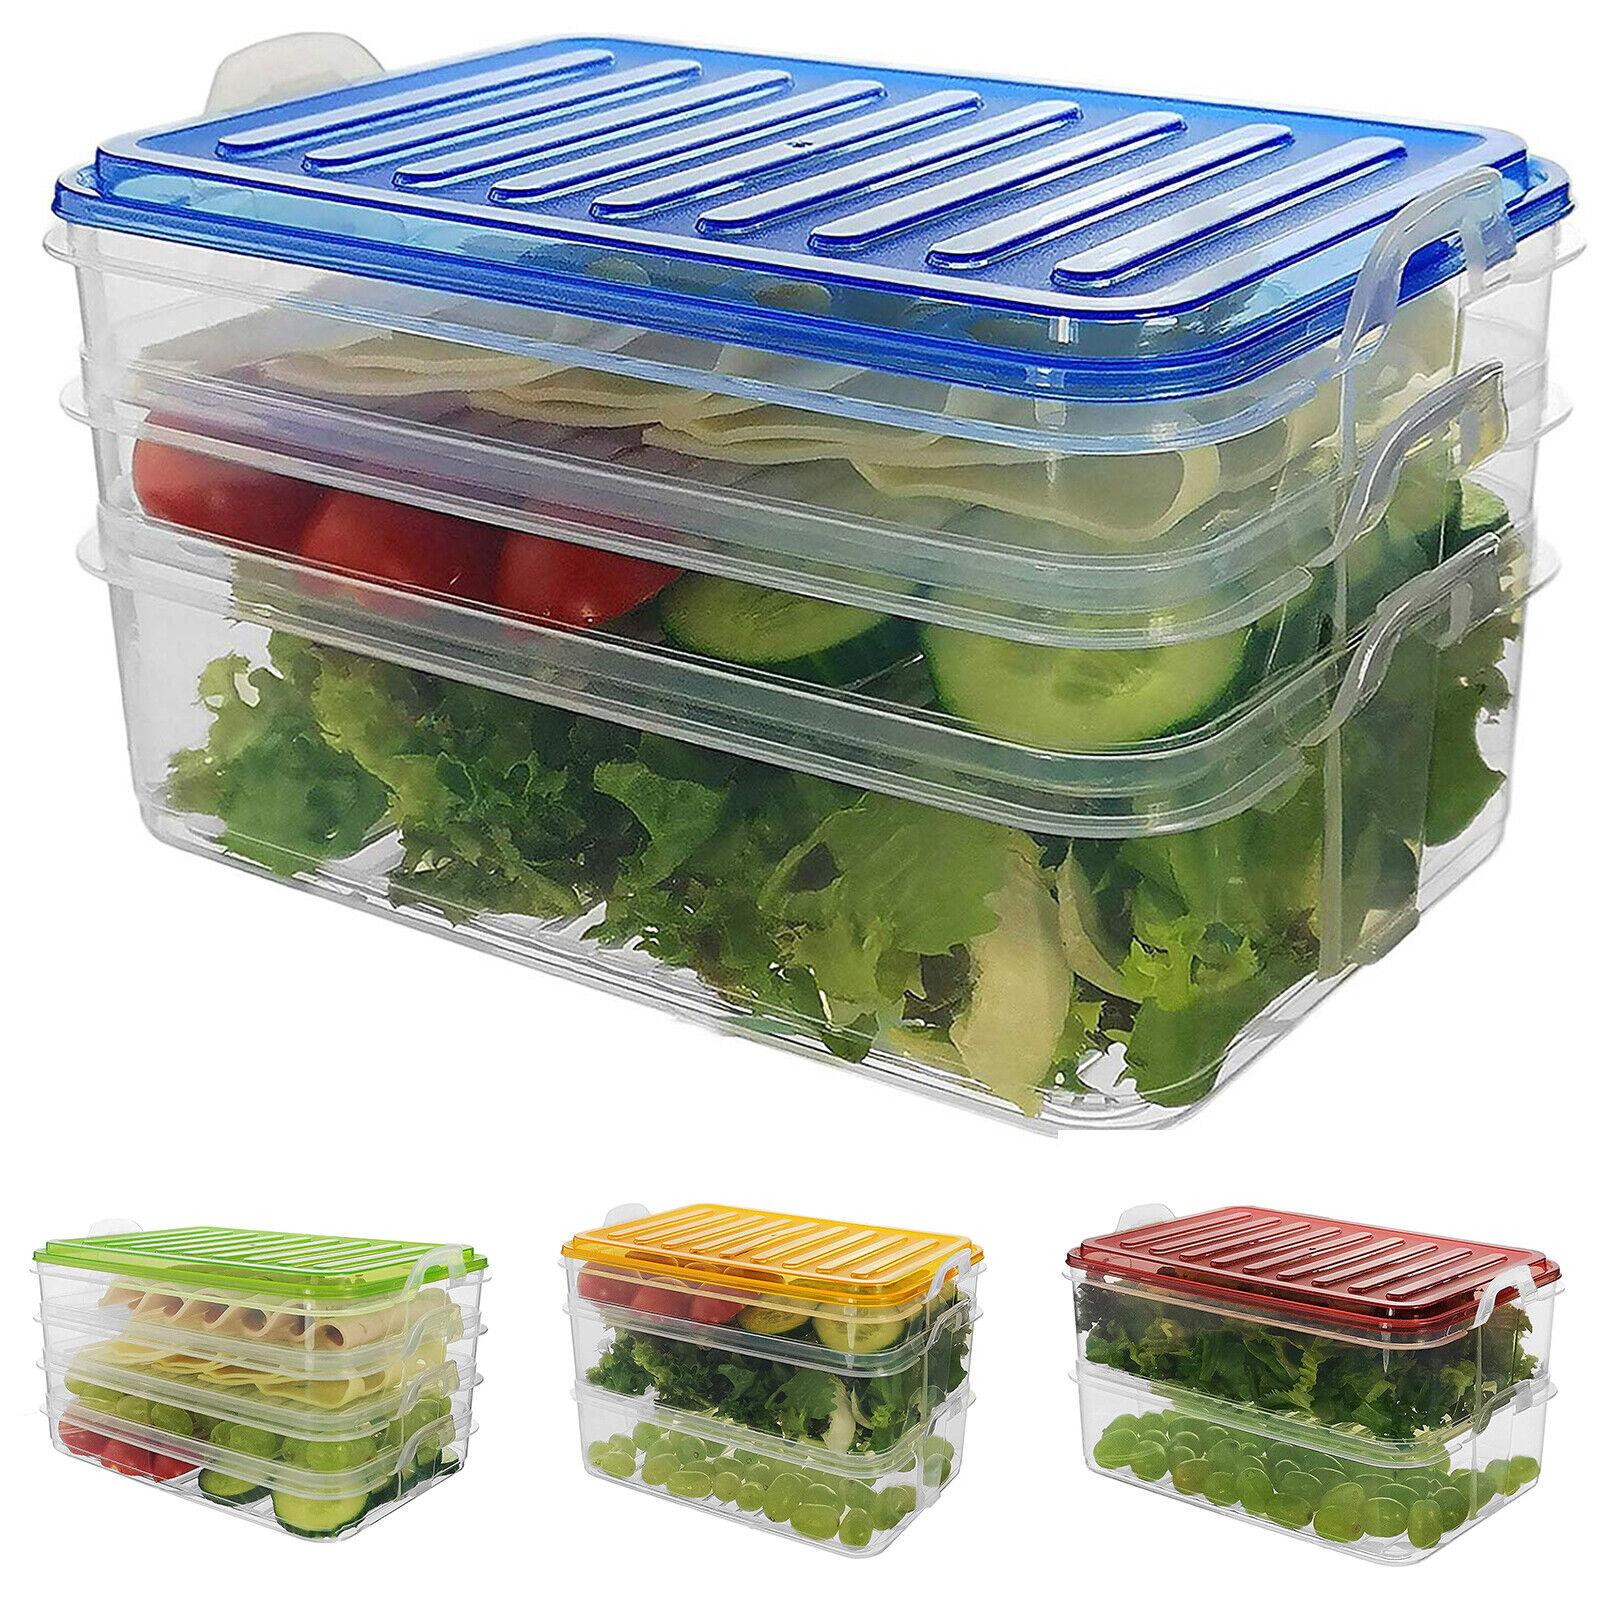 Aufschnittdose grün 3 x Vorratsbox mit je 3 Behältern weiß und blauer Deckel